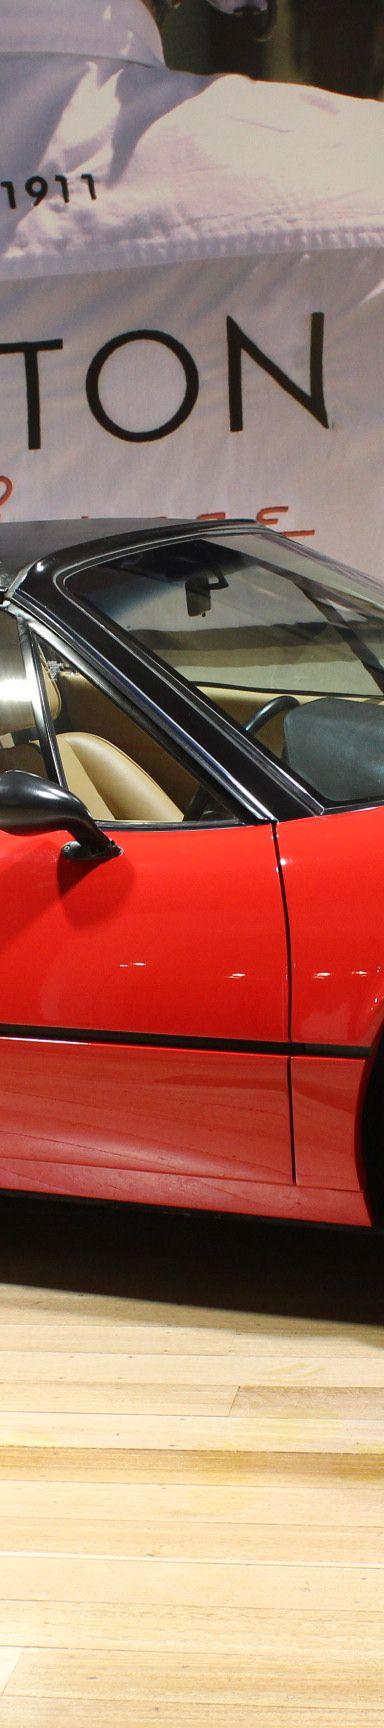 1979 Ferrari 308 GTS Carburetor - for sale in Australia